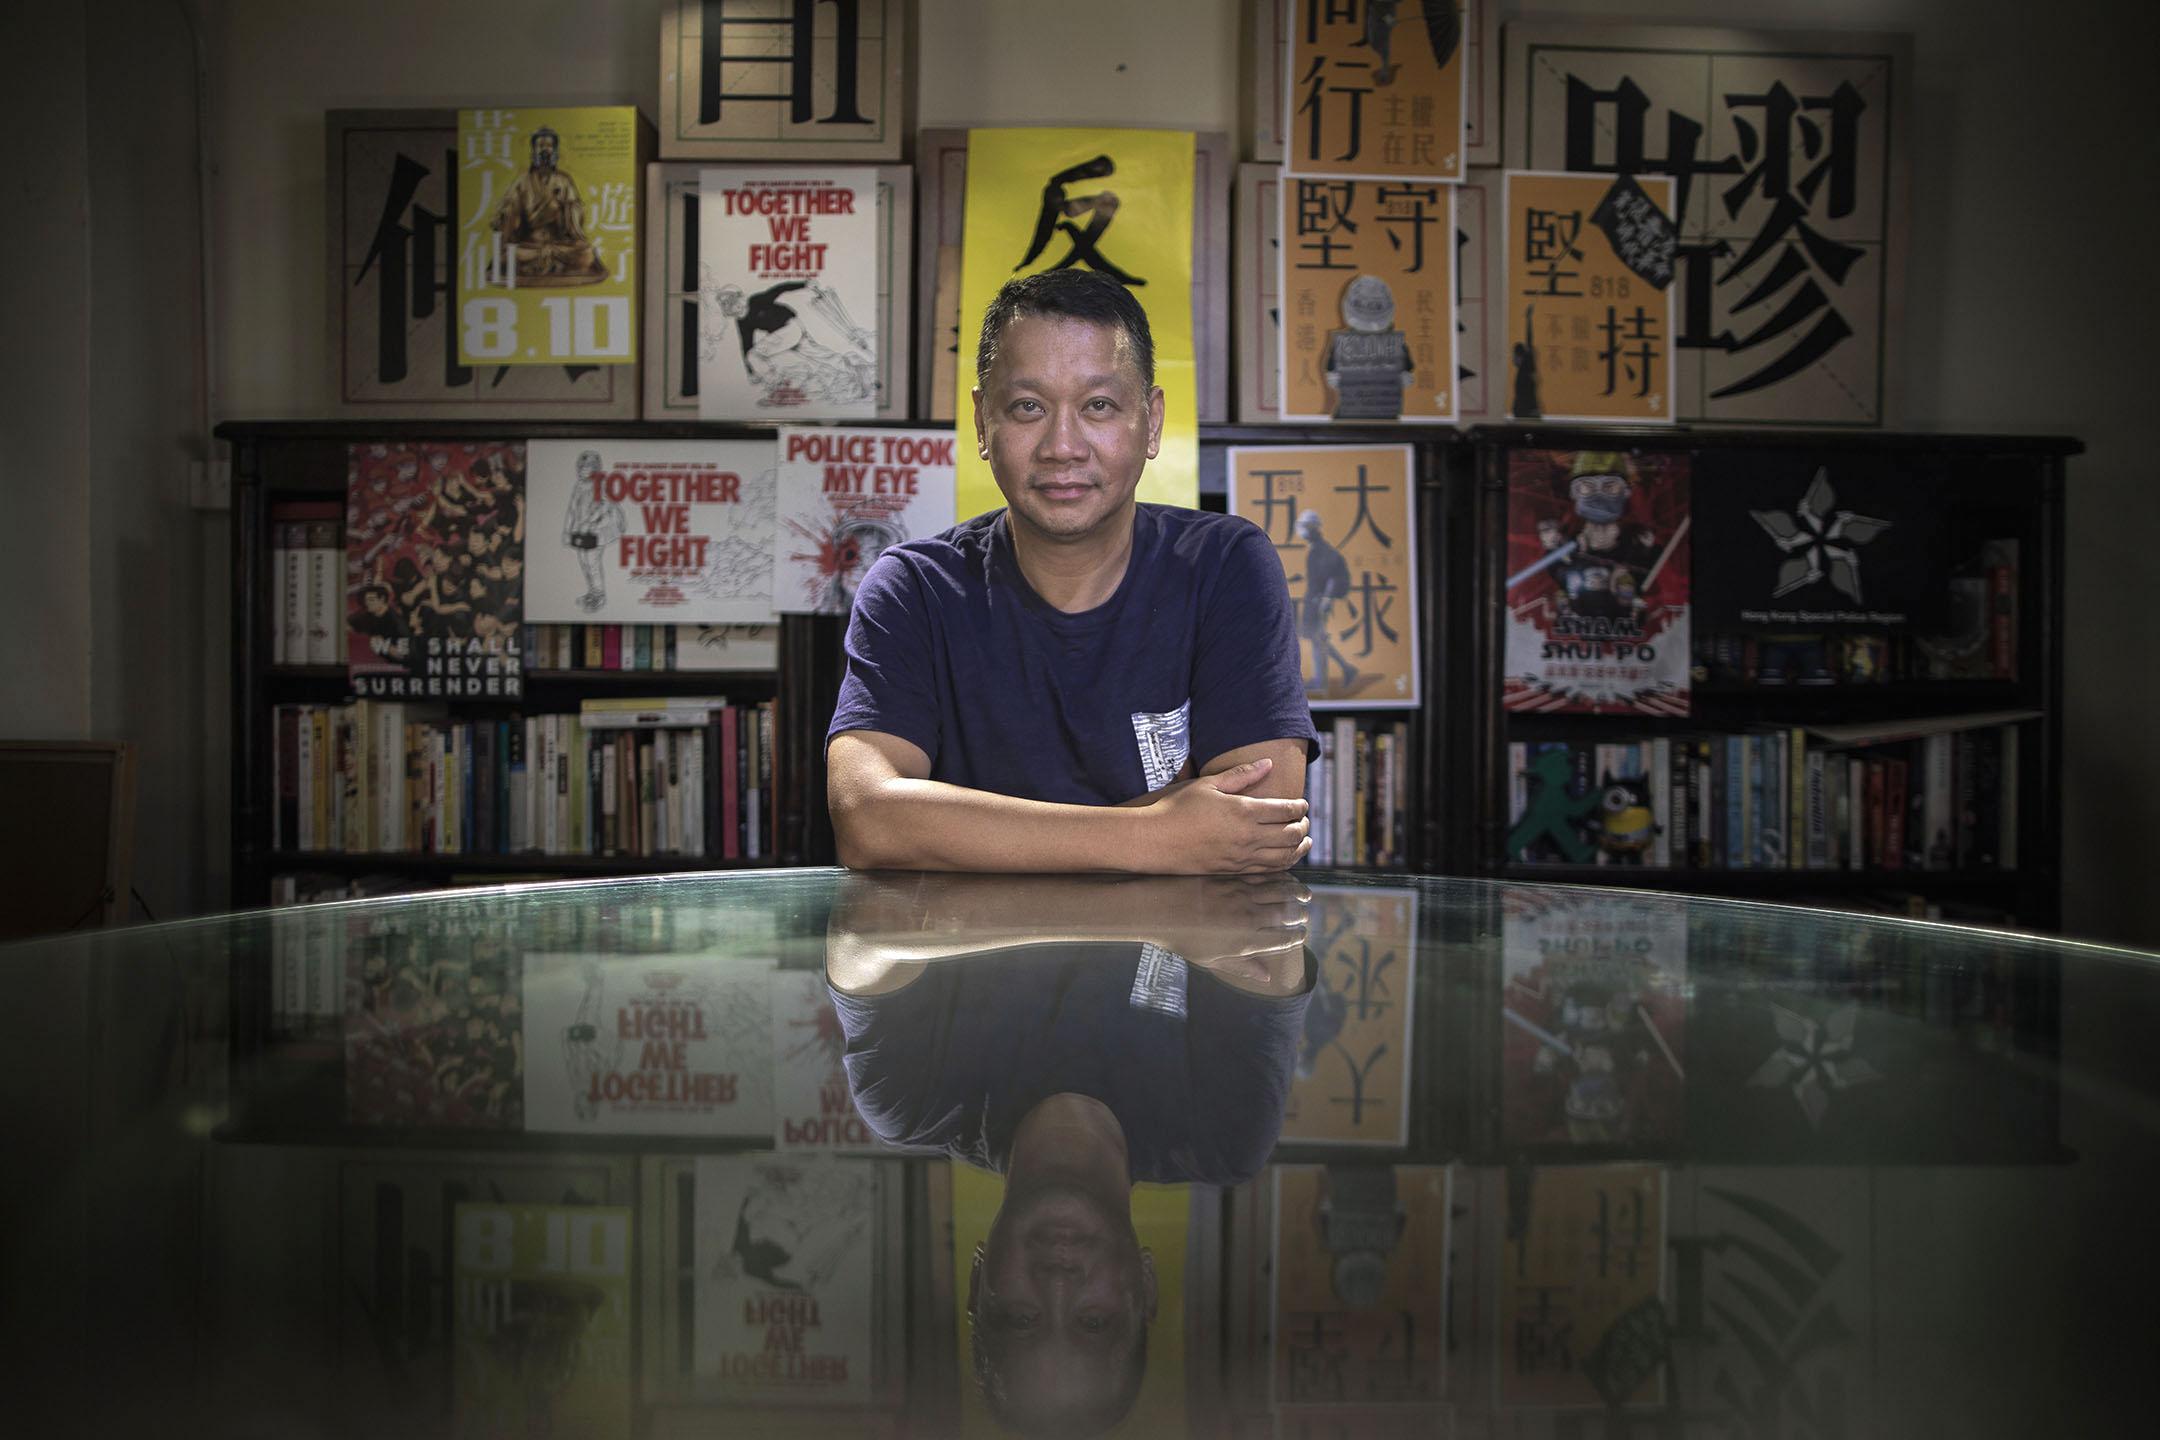 時事評論員劉細良。 攝:陳焯煇/端傳媒